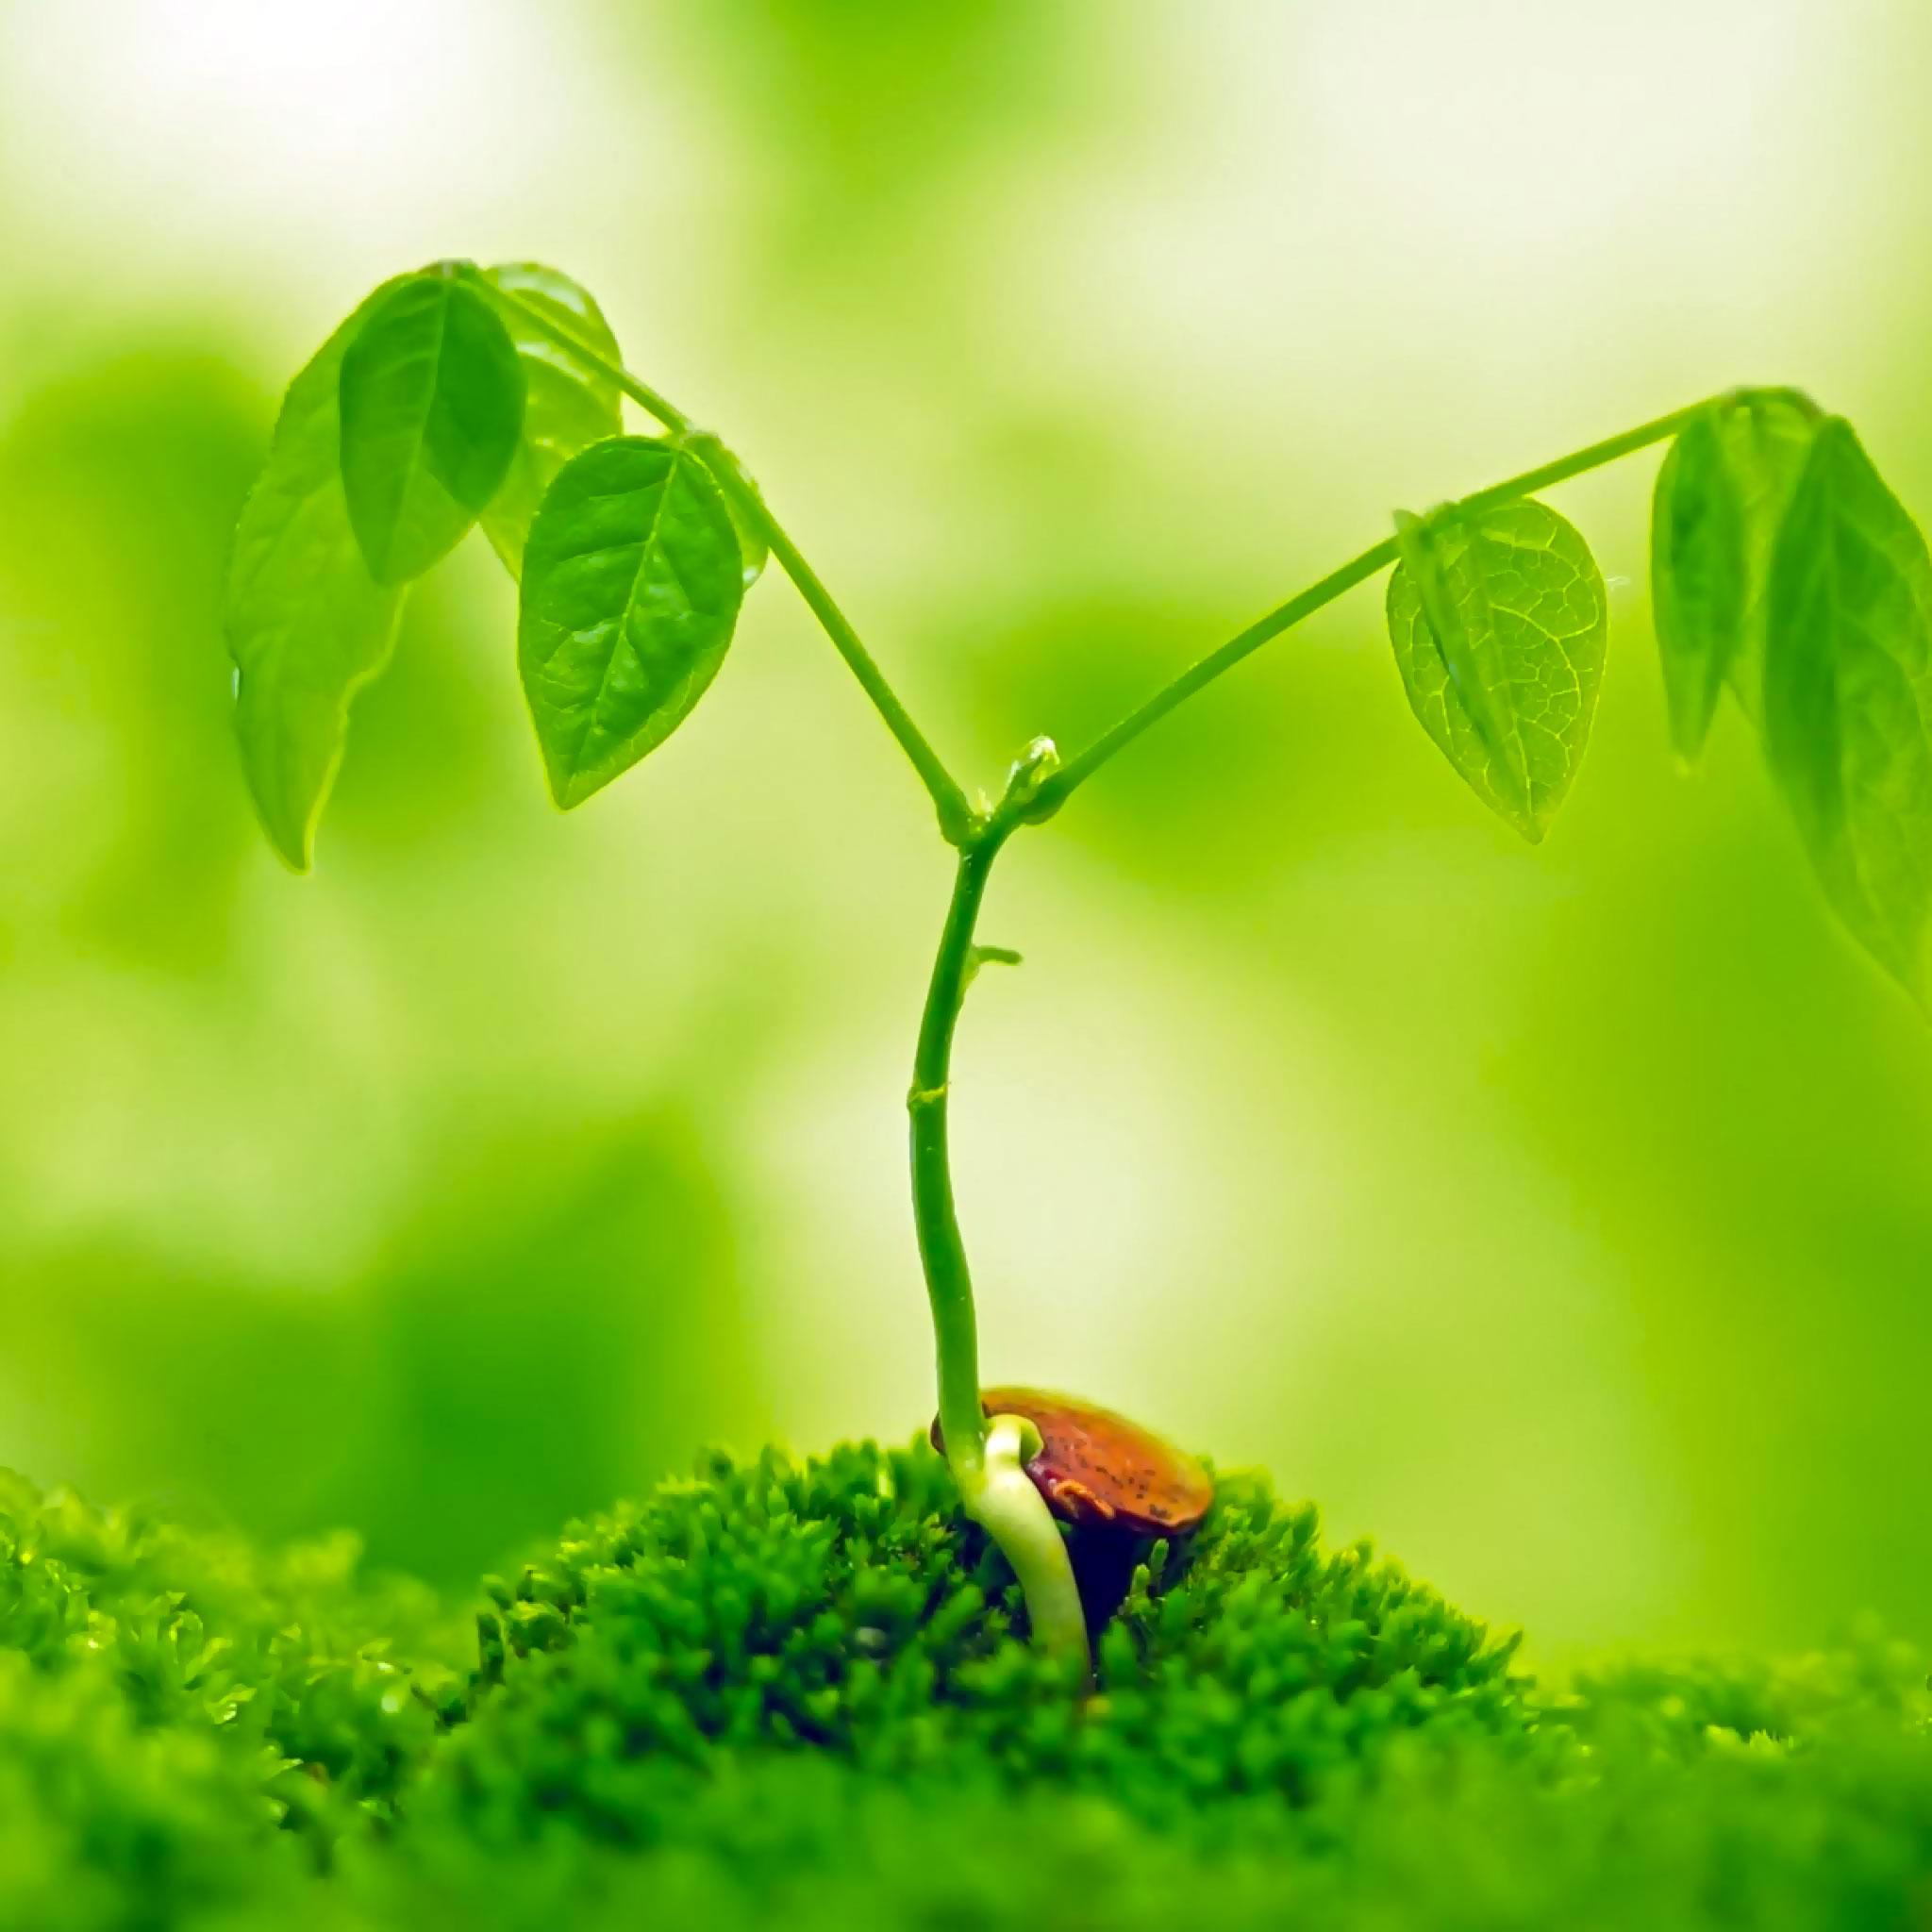 beautiful plant ipad wallpaper retina display 2048x2048